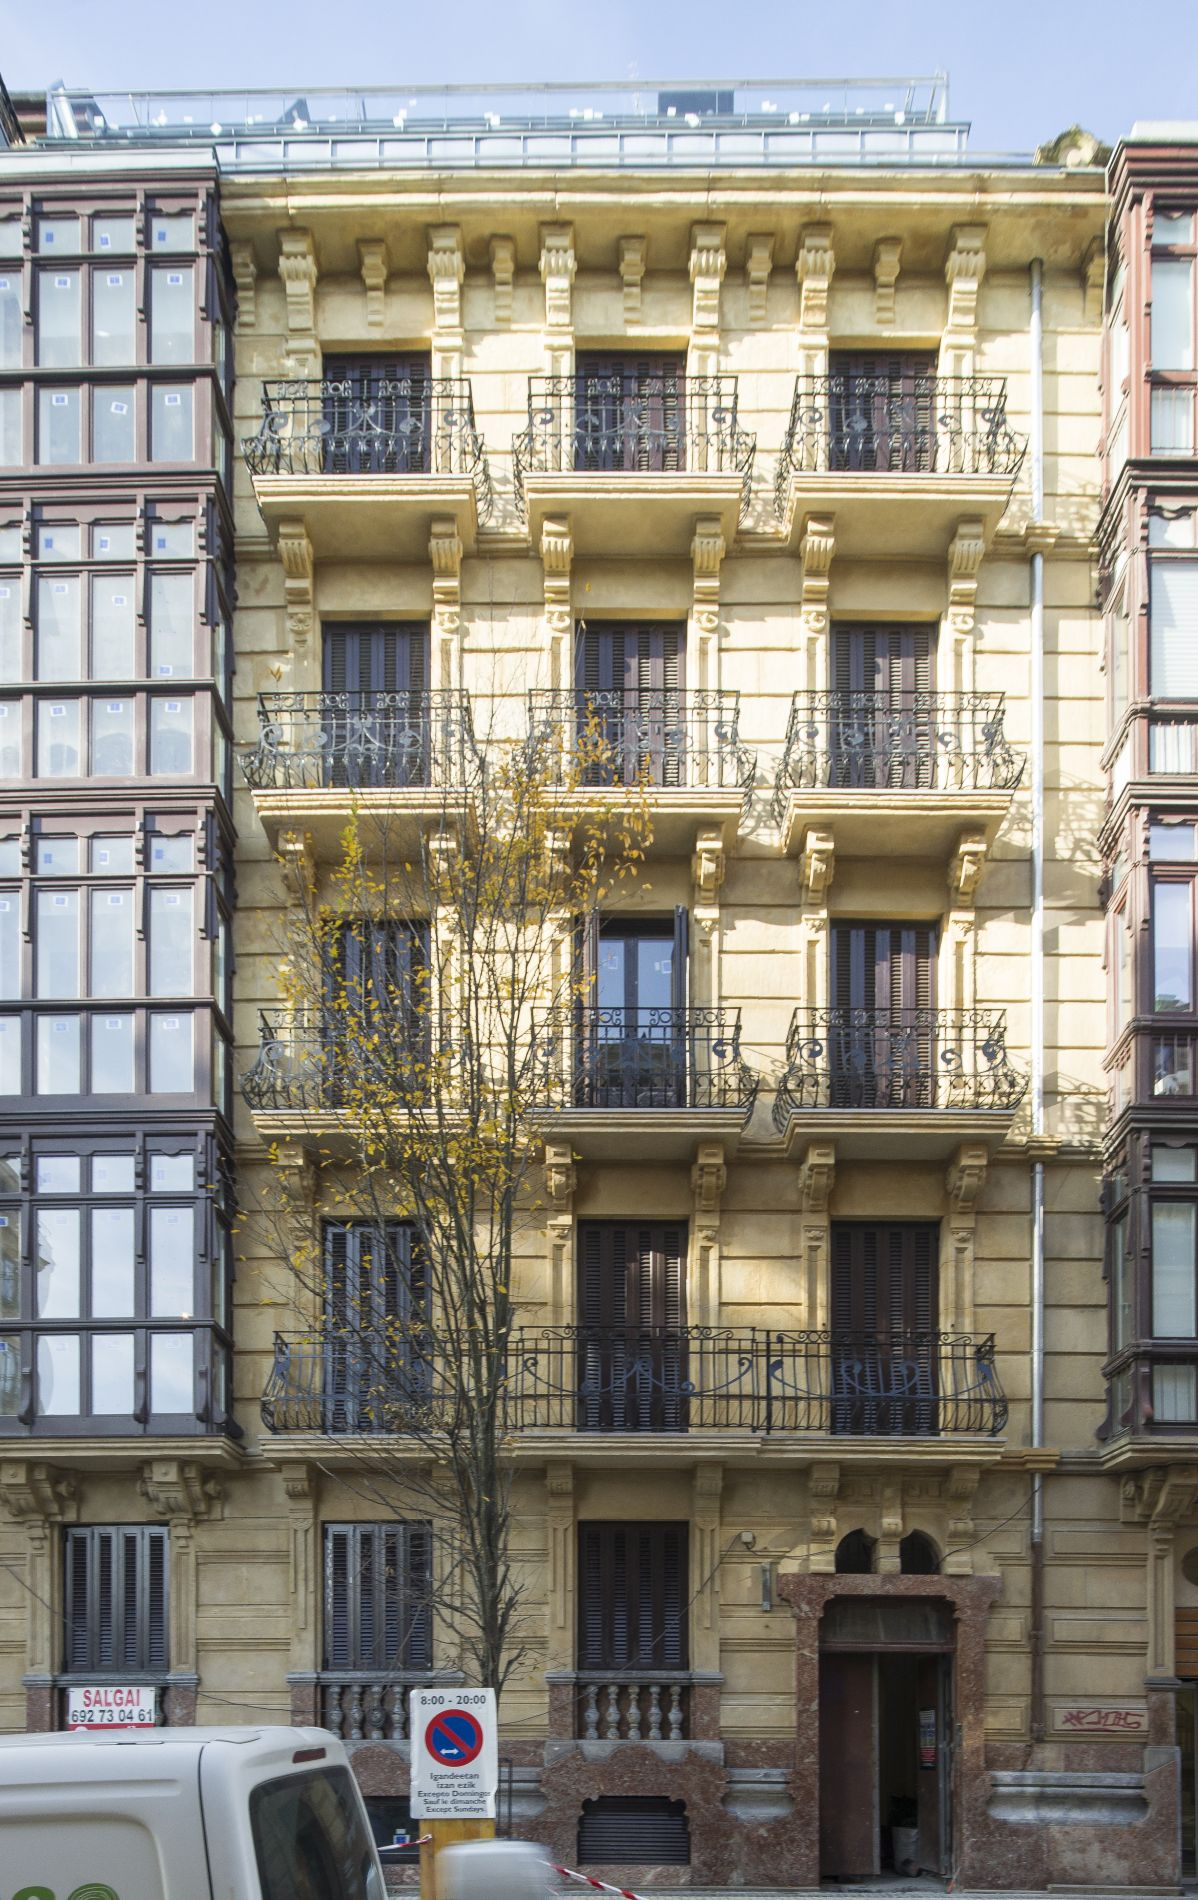 Fiark - 11 Viviendas en Calle Prim 26 7